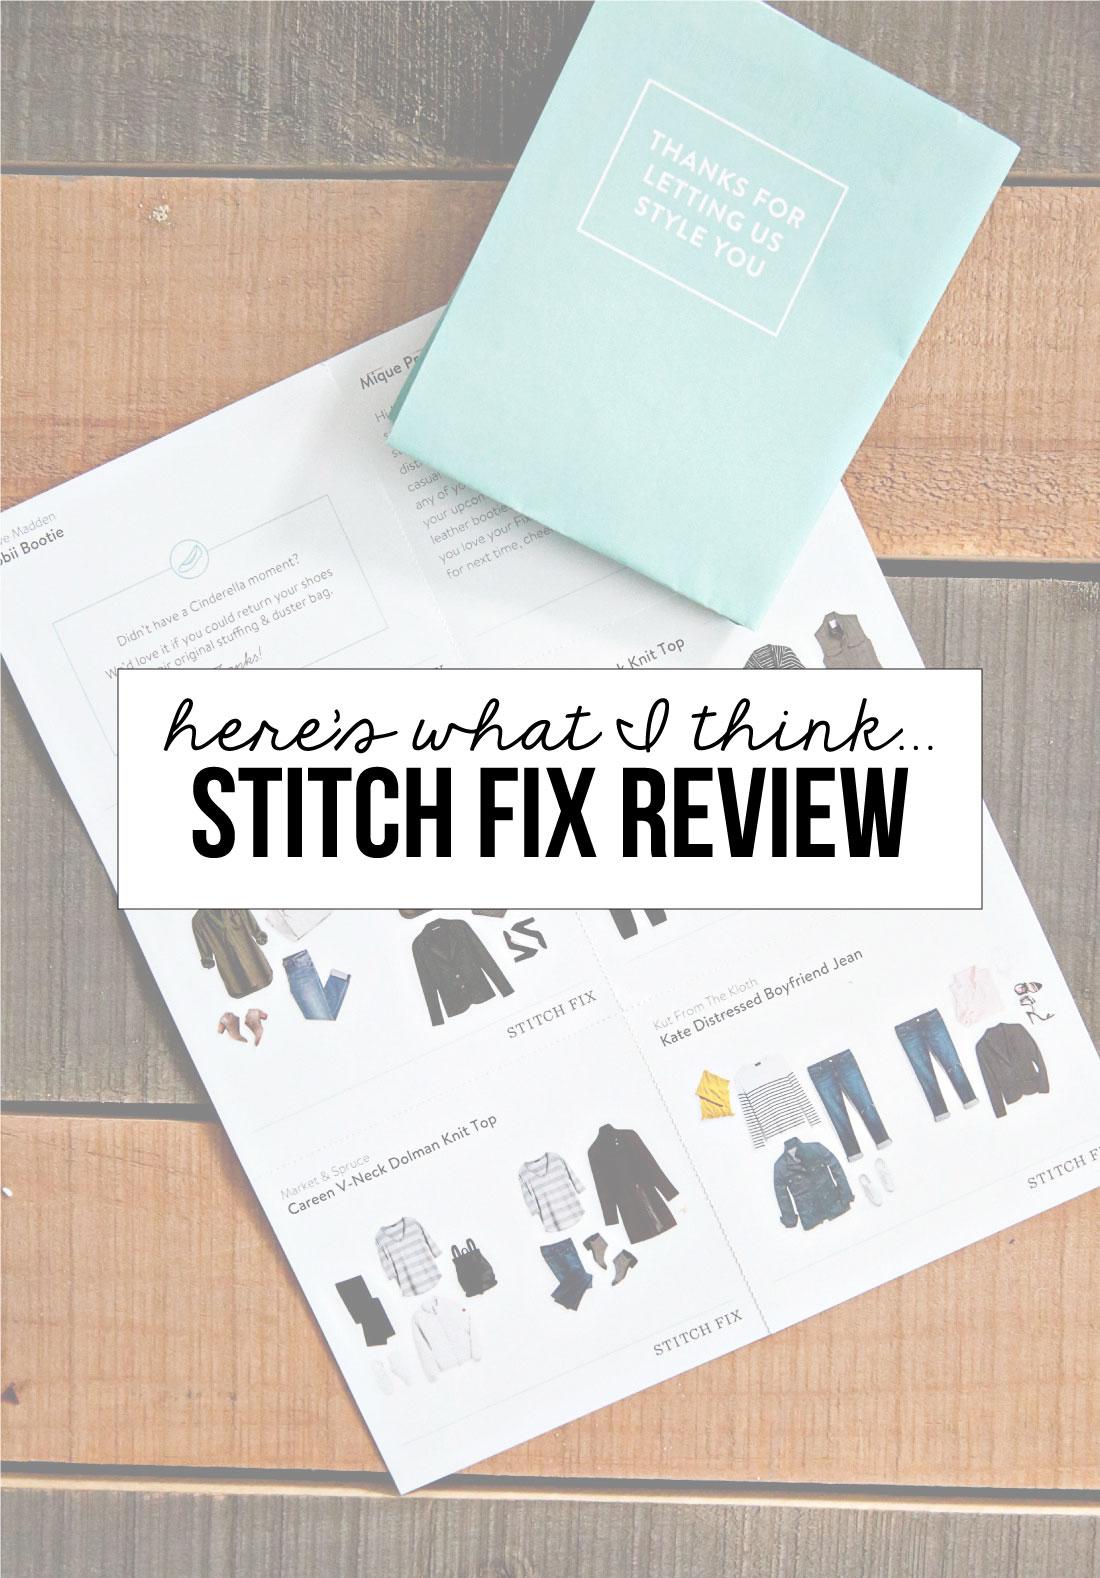 Stitch Fix Review - here's what I think! from www.thirtyhandmadedays.com